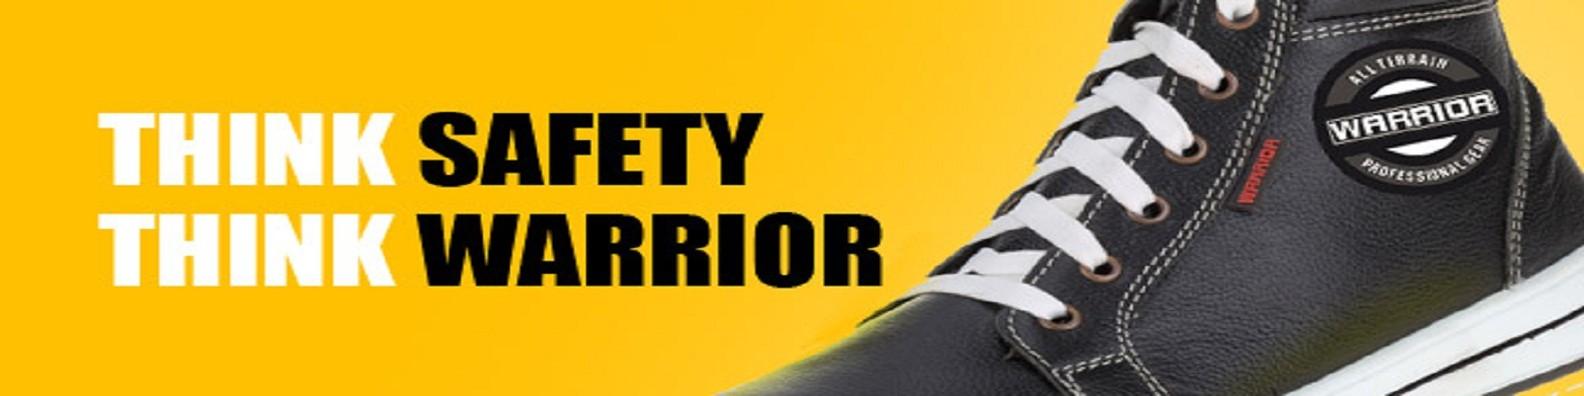 Warrior Safety Shoes | LinkedIn